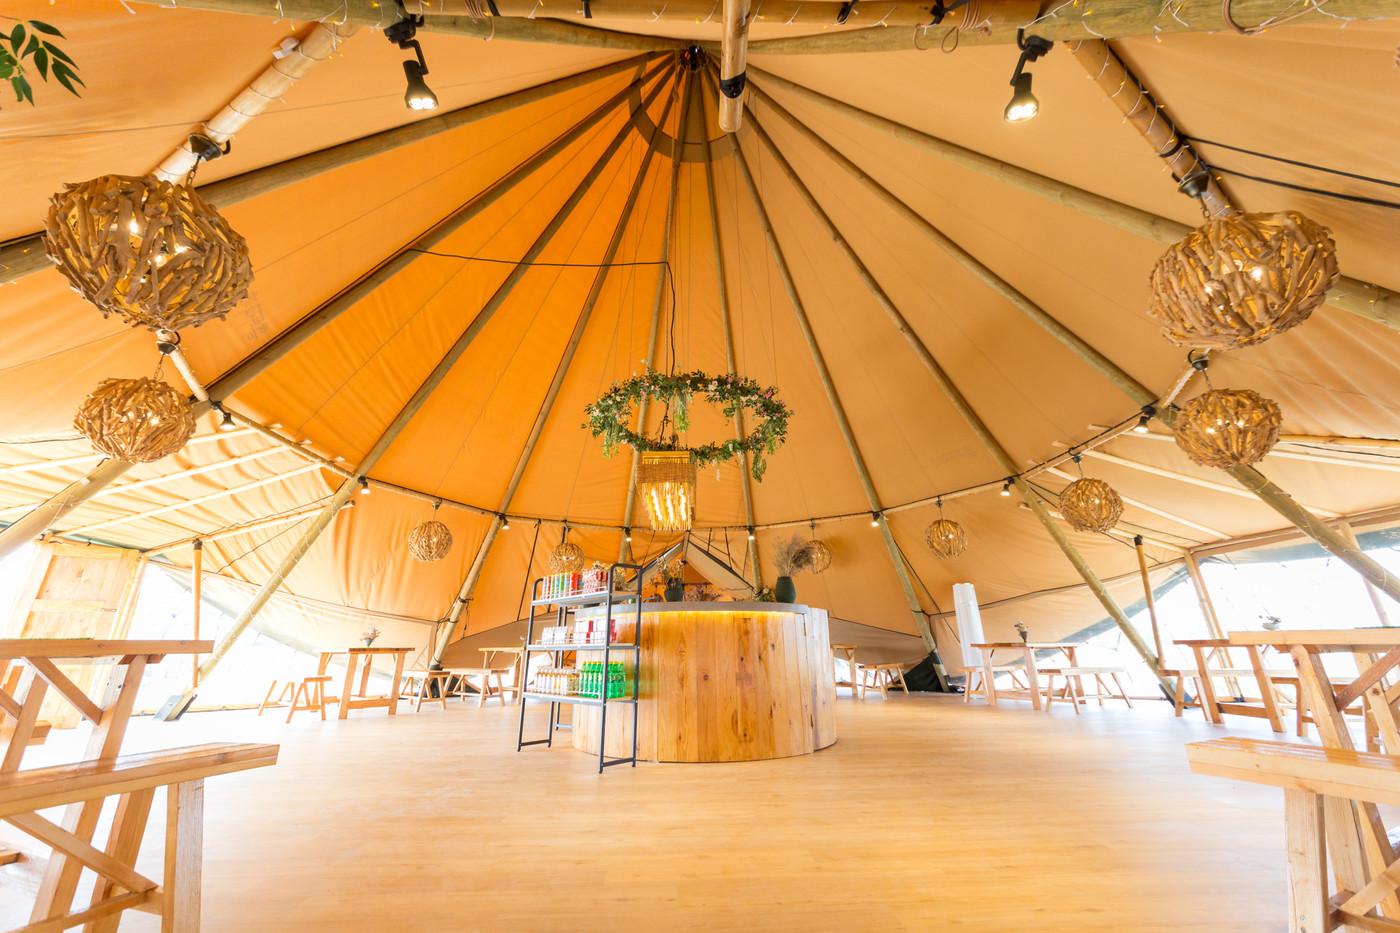 喜马拉雅印第安多功能大厅帐篷酒店25